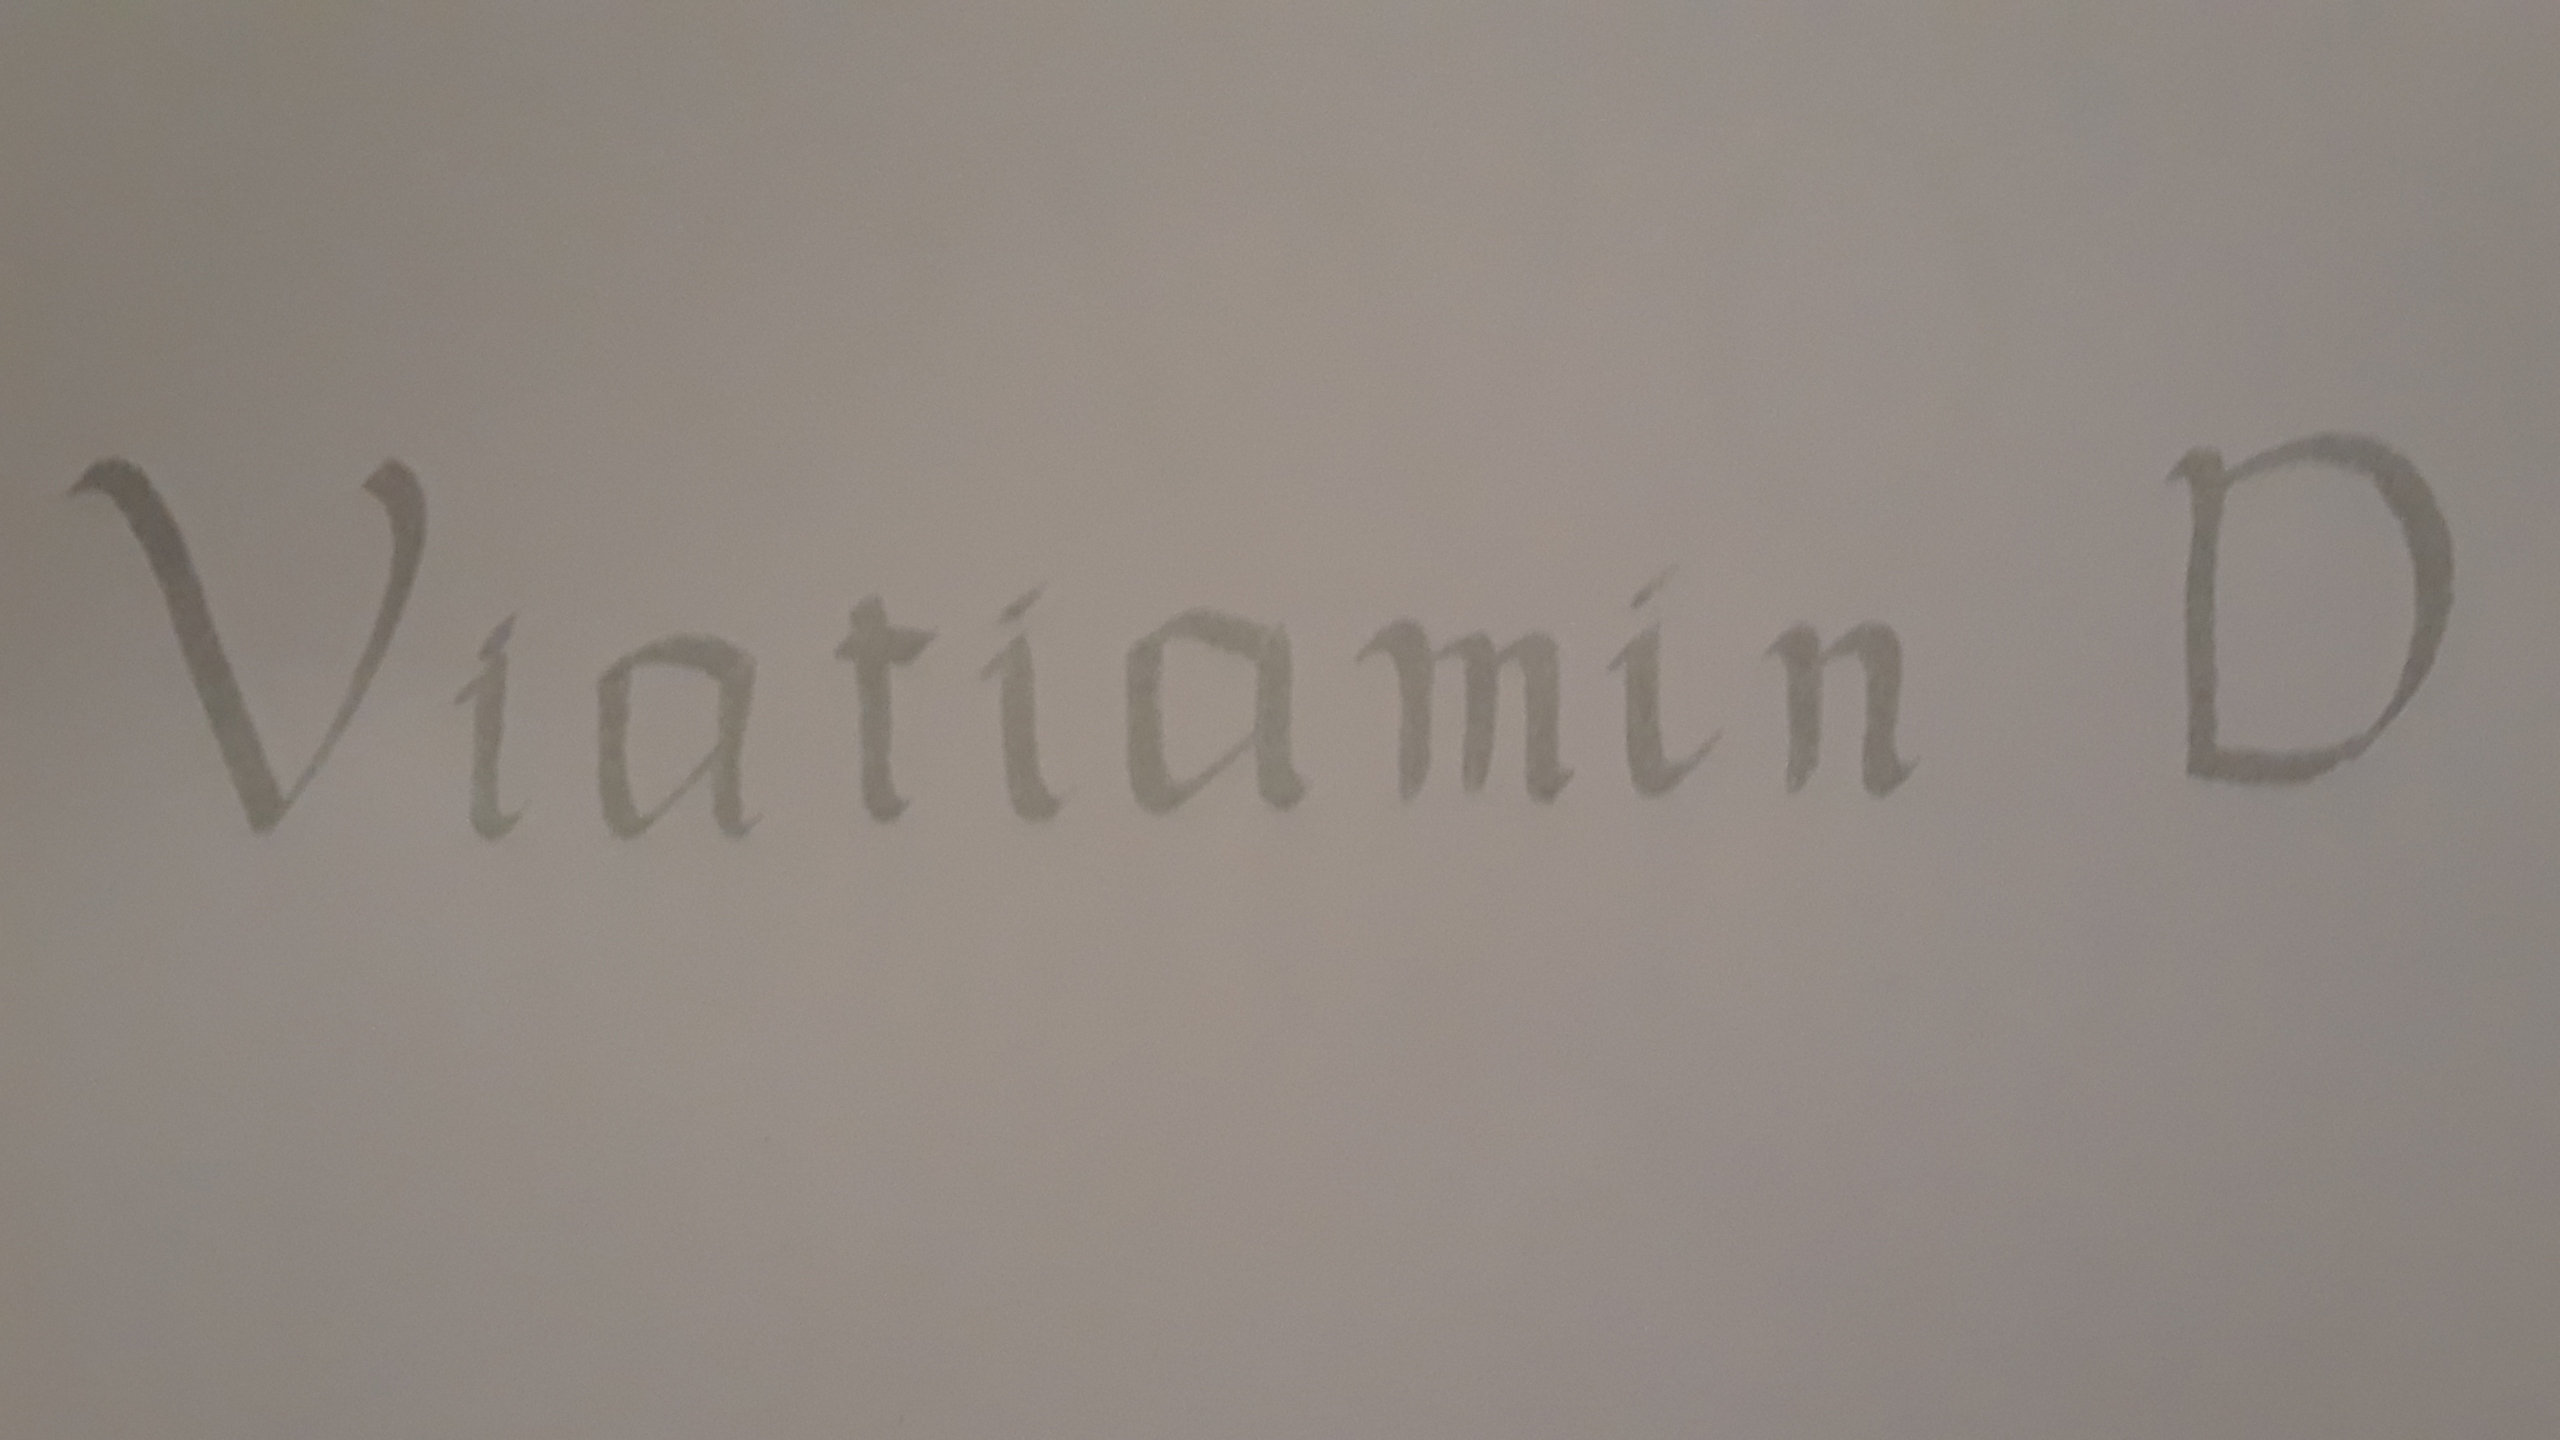 Viatiamin D